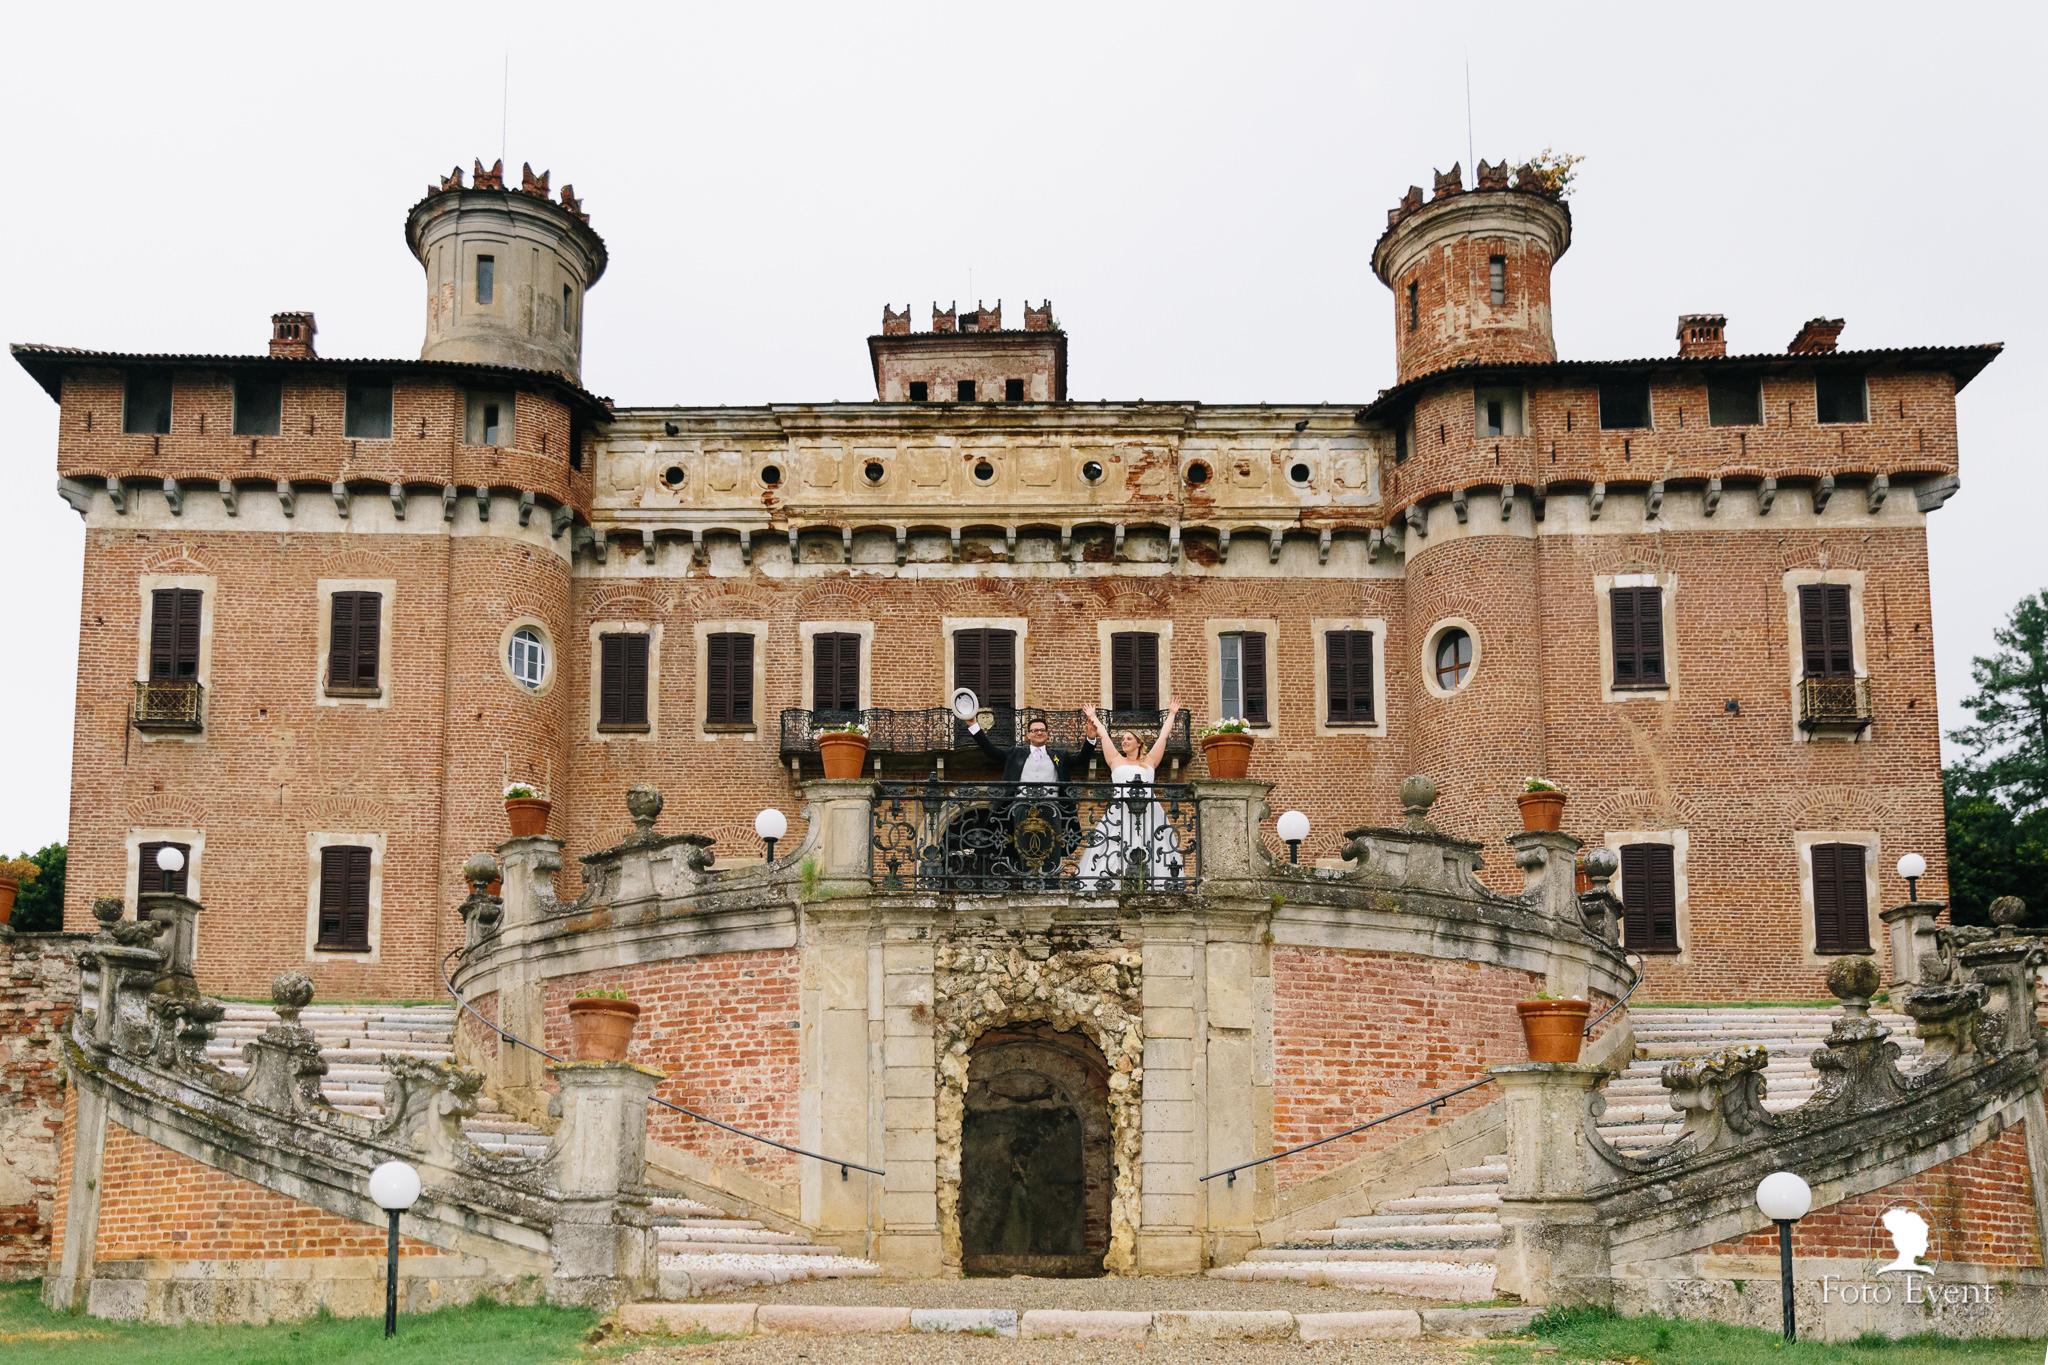 074-2019-07-27-Matrimonio-Valentina-e-Alessandro-Pettinari-5DE-1409